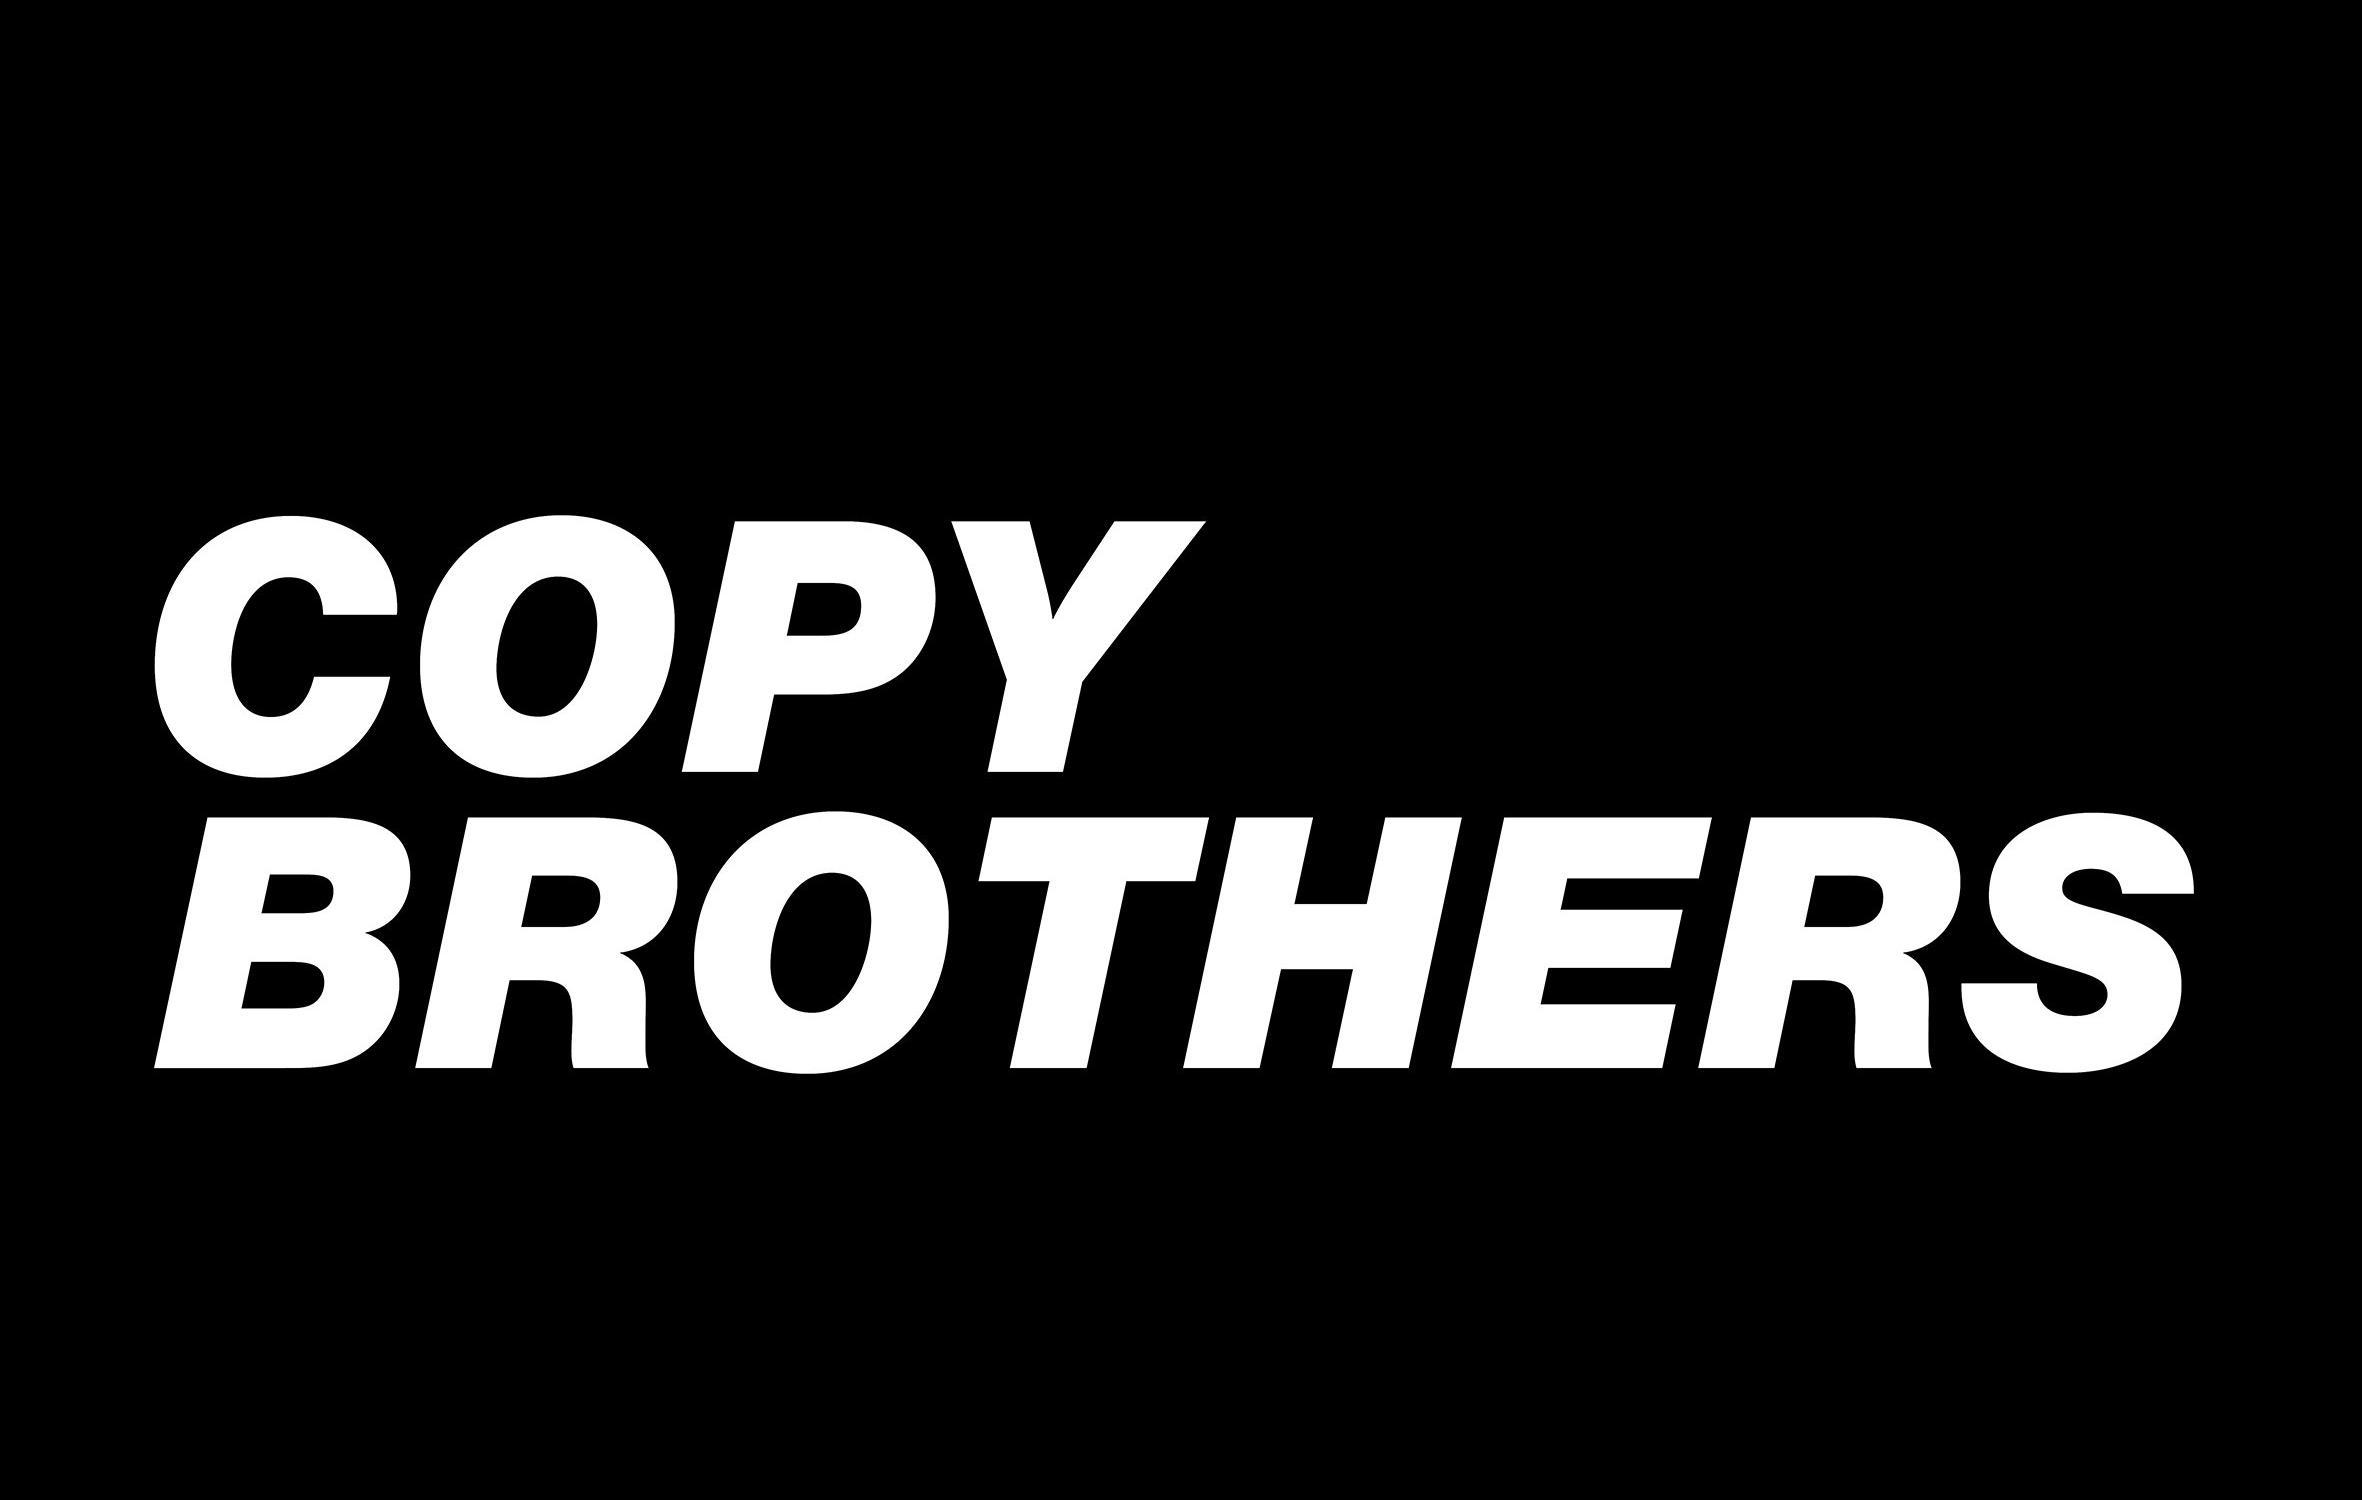 фотография Копировального центра Copy Brothers в Малом Кисельном переулке